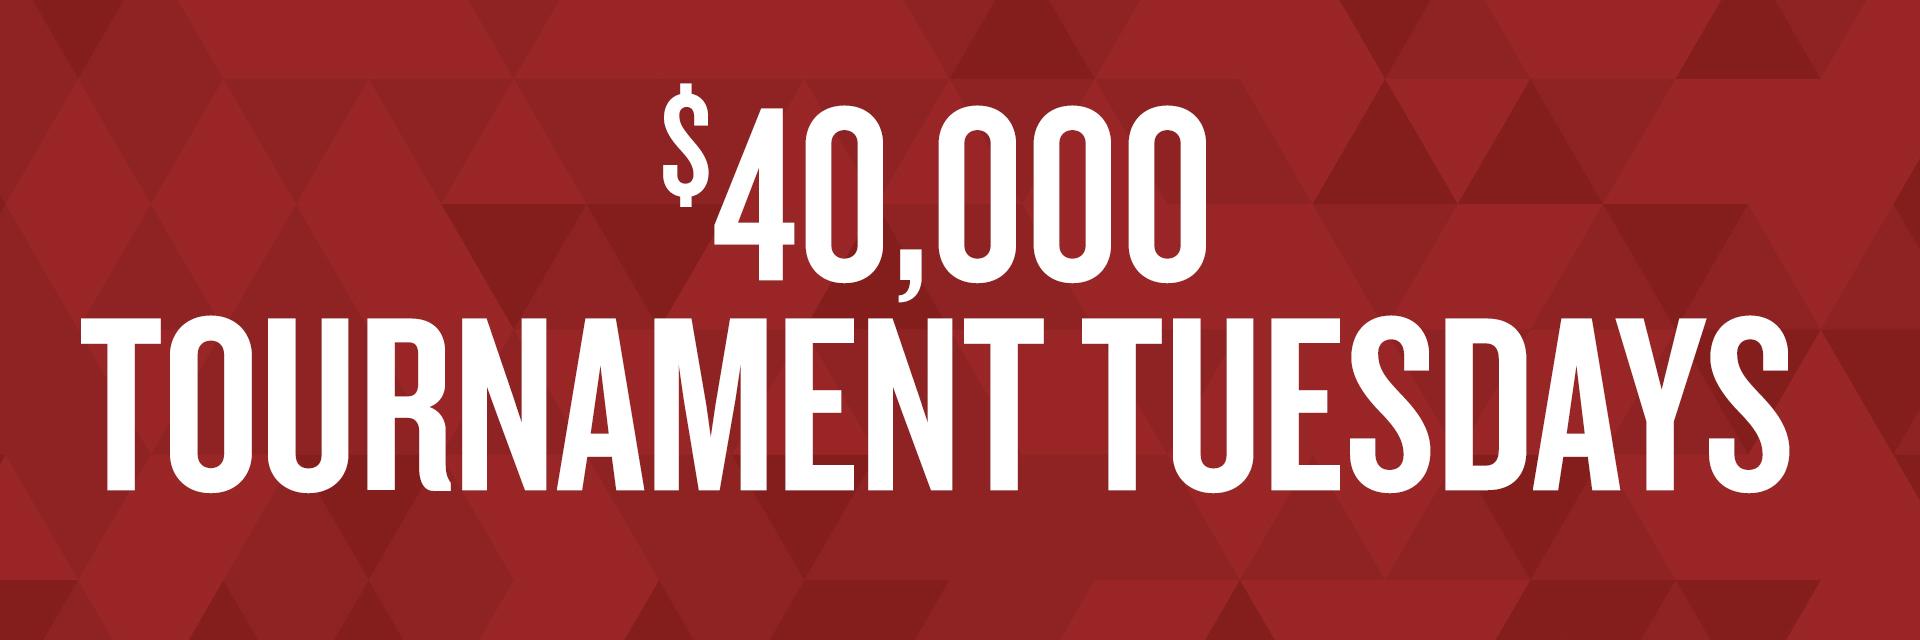 $40,000 Tournament Tuesdays